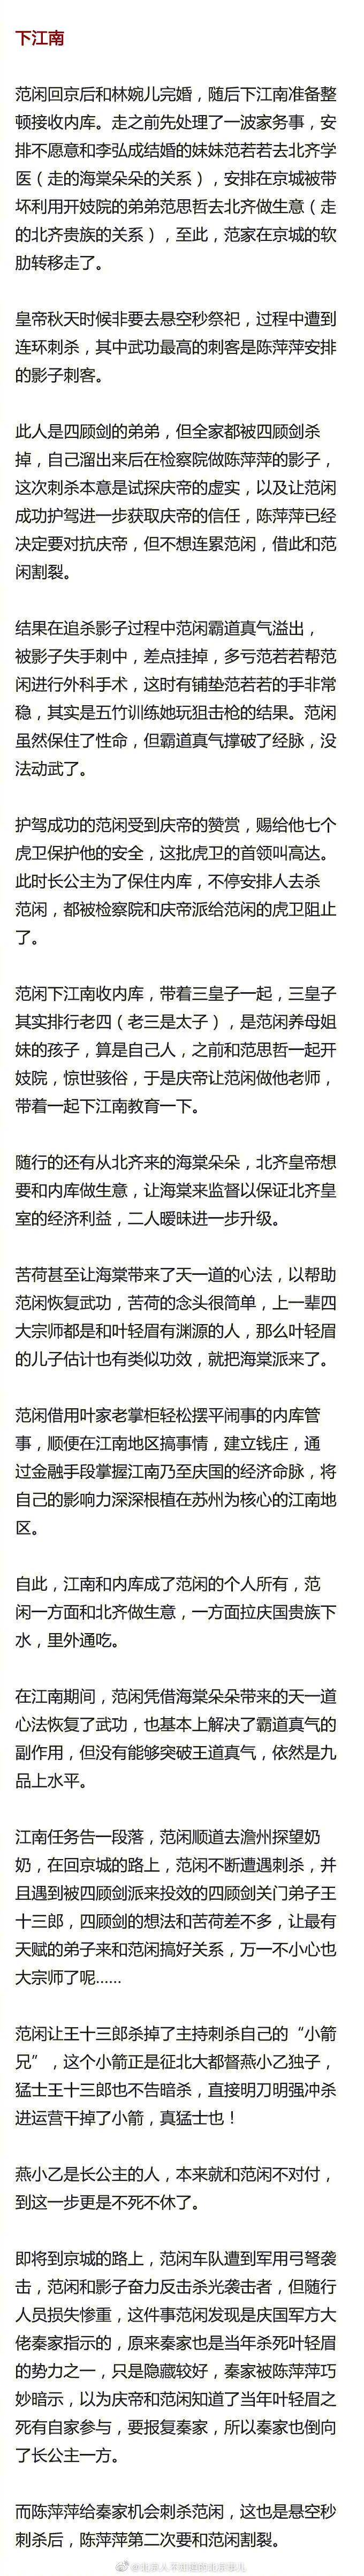 《庆余年》第二季剧本筹备中 剧透《庆余年》讲的是什么故事? liuliushe.net六六社 第7张